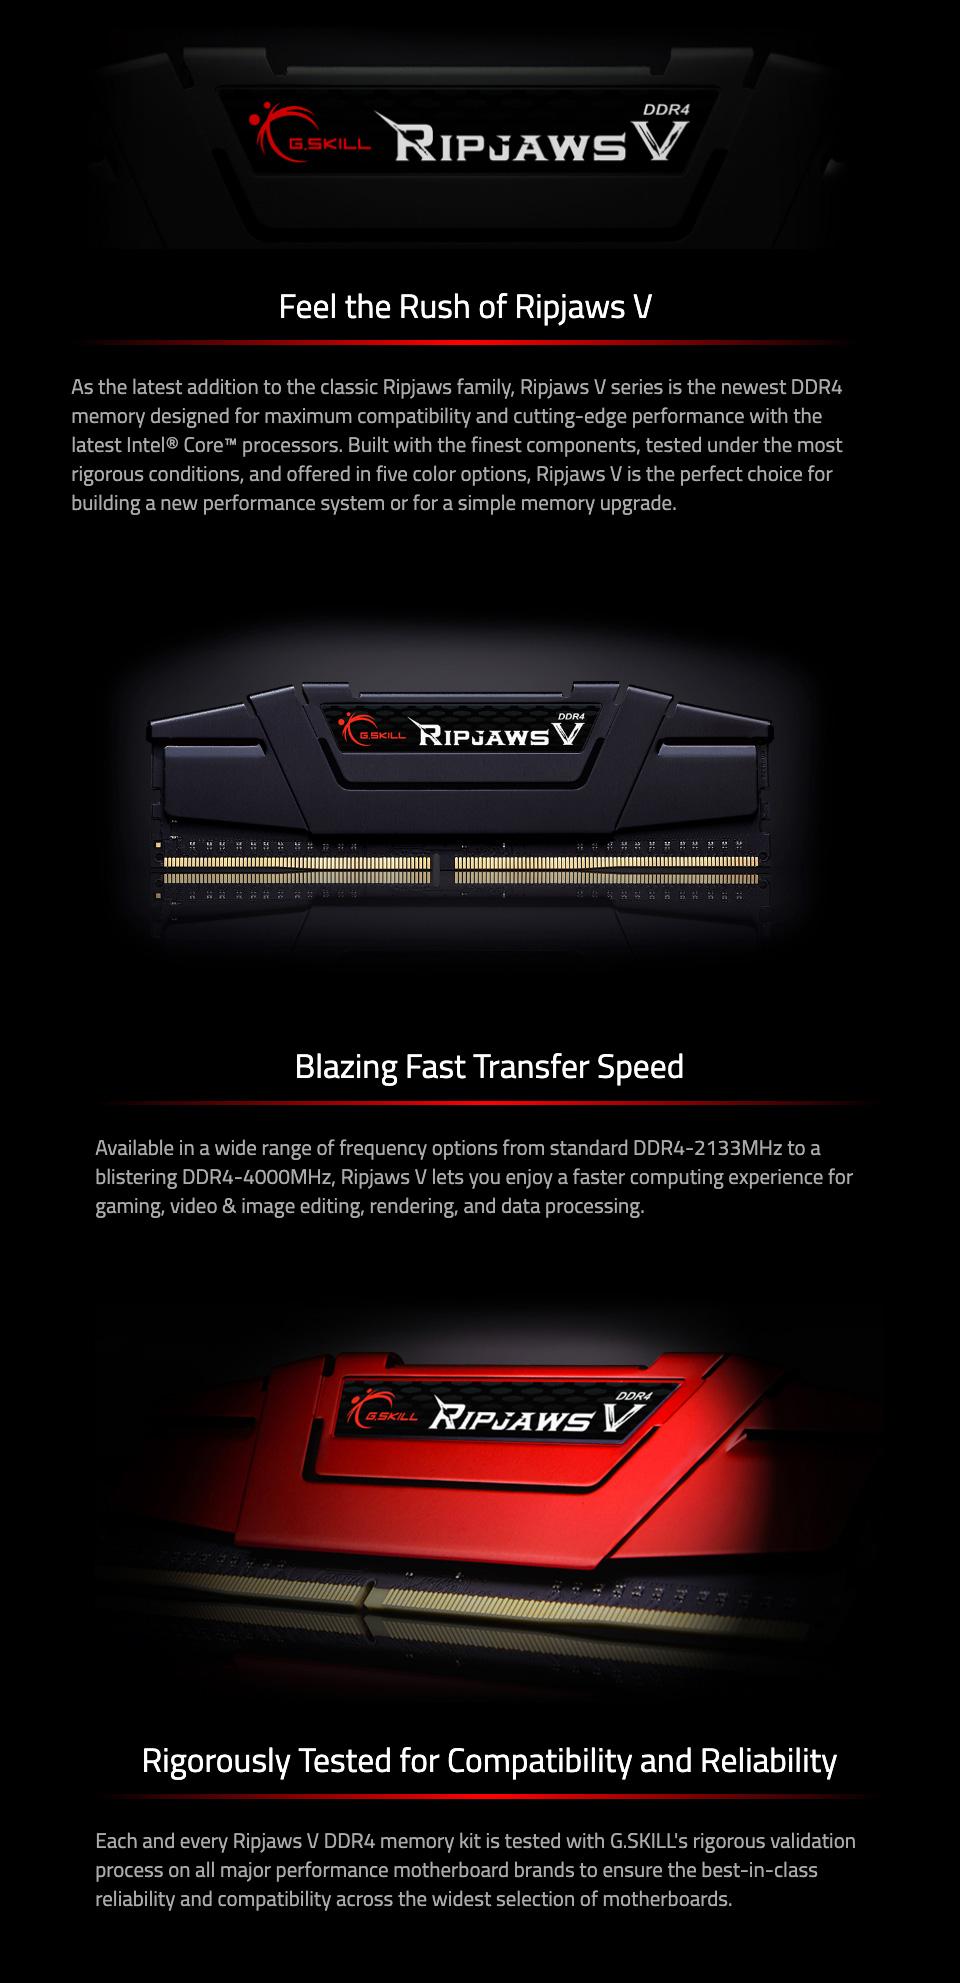 G.Skill Ripjaws V F4-3200C14Q-32GVK 32GB (4x8GB) DDR4 features